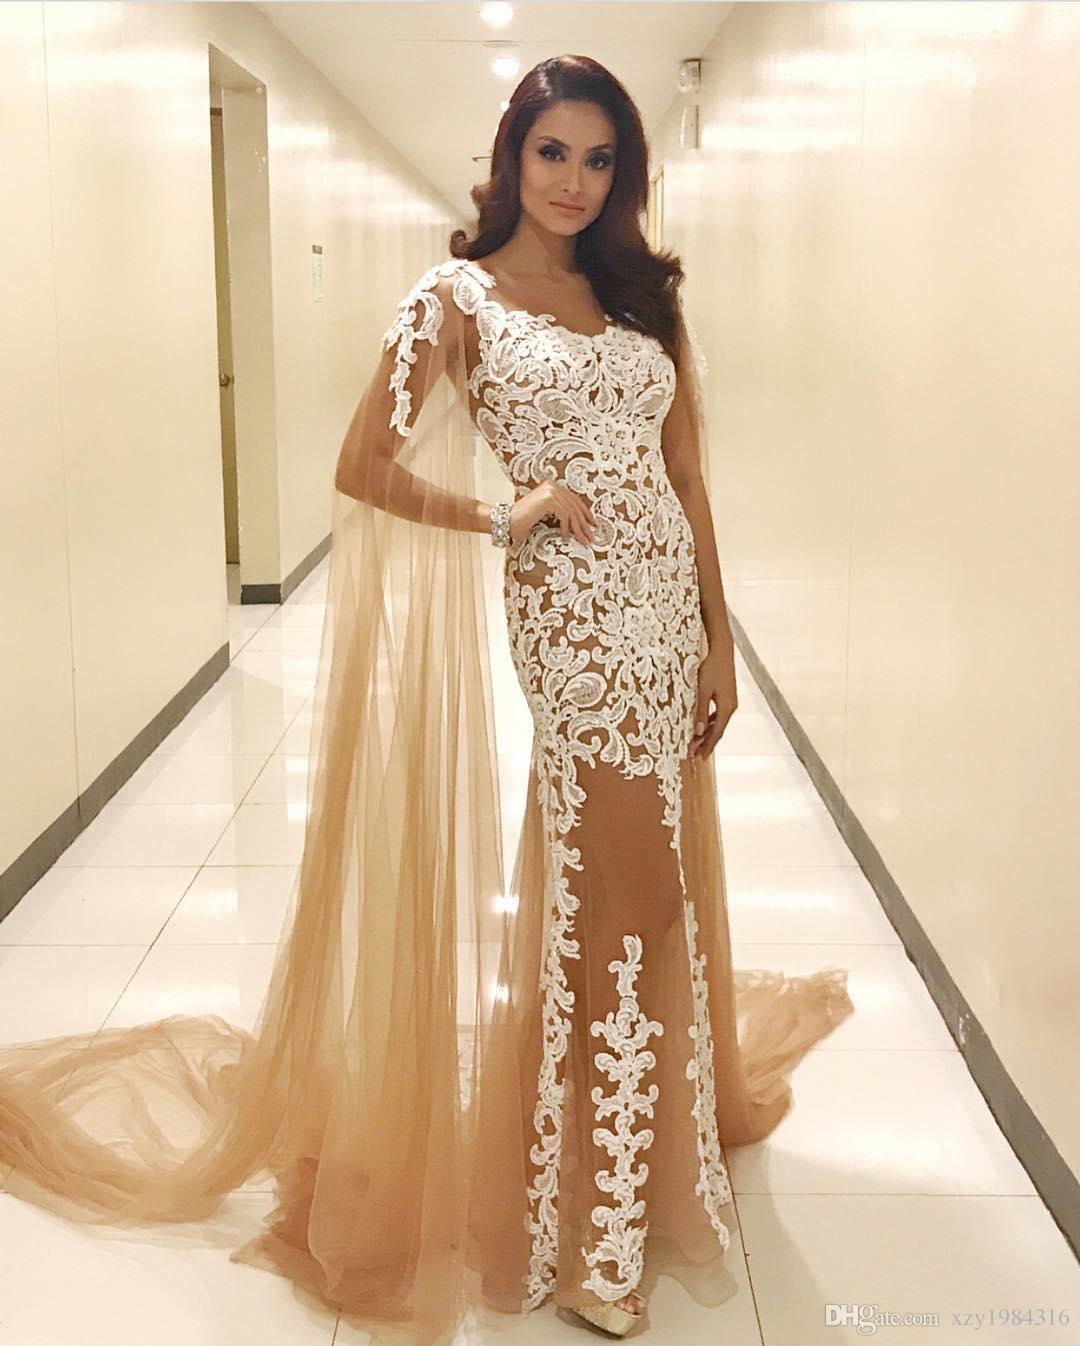 Großhandel Glamouröse Champagner Abendkleider Mit Schal Durchsichtig V  Ausschnitt Spitze Applikationen Tüll Abendkleid Sexy Mermaid Lange Abend  Party